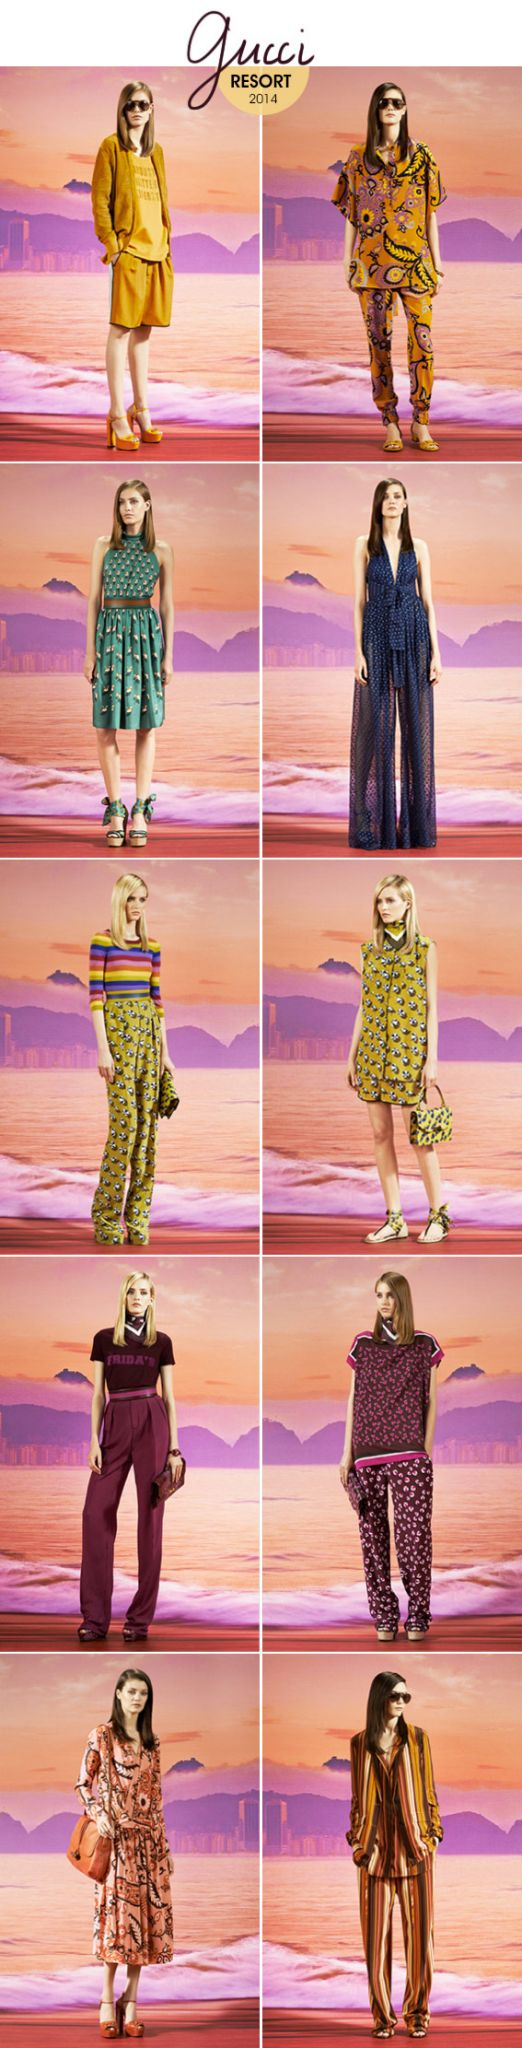 Achados da Bia   Gucci Resort 2014   Moda   Estilo   Coleção